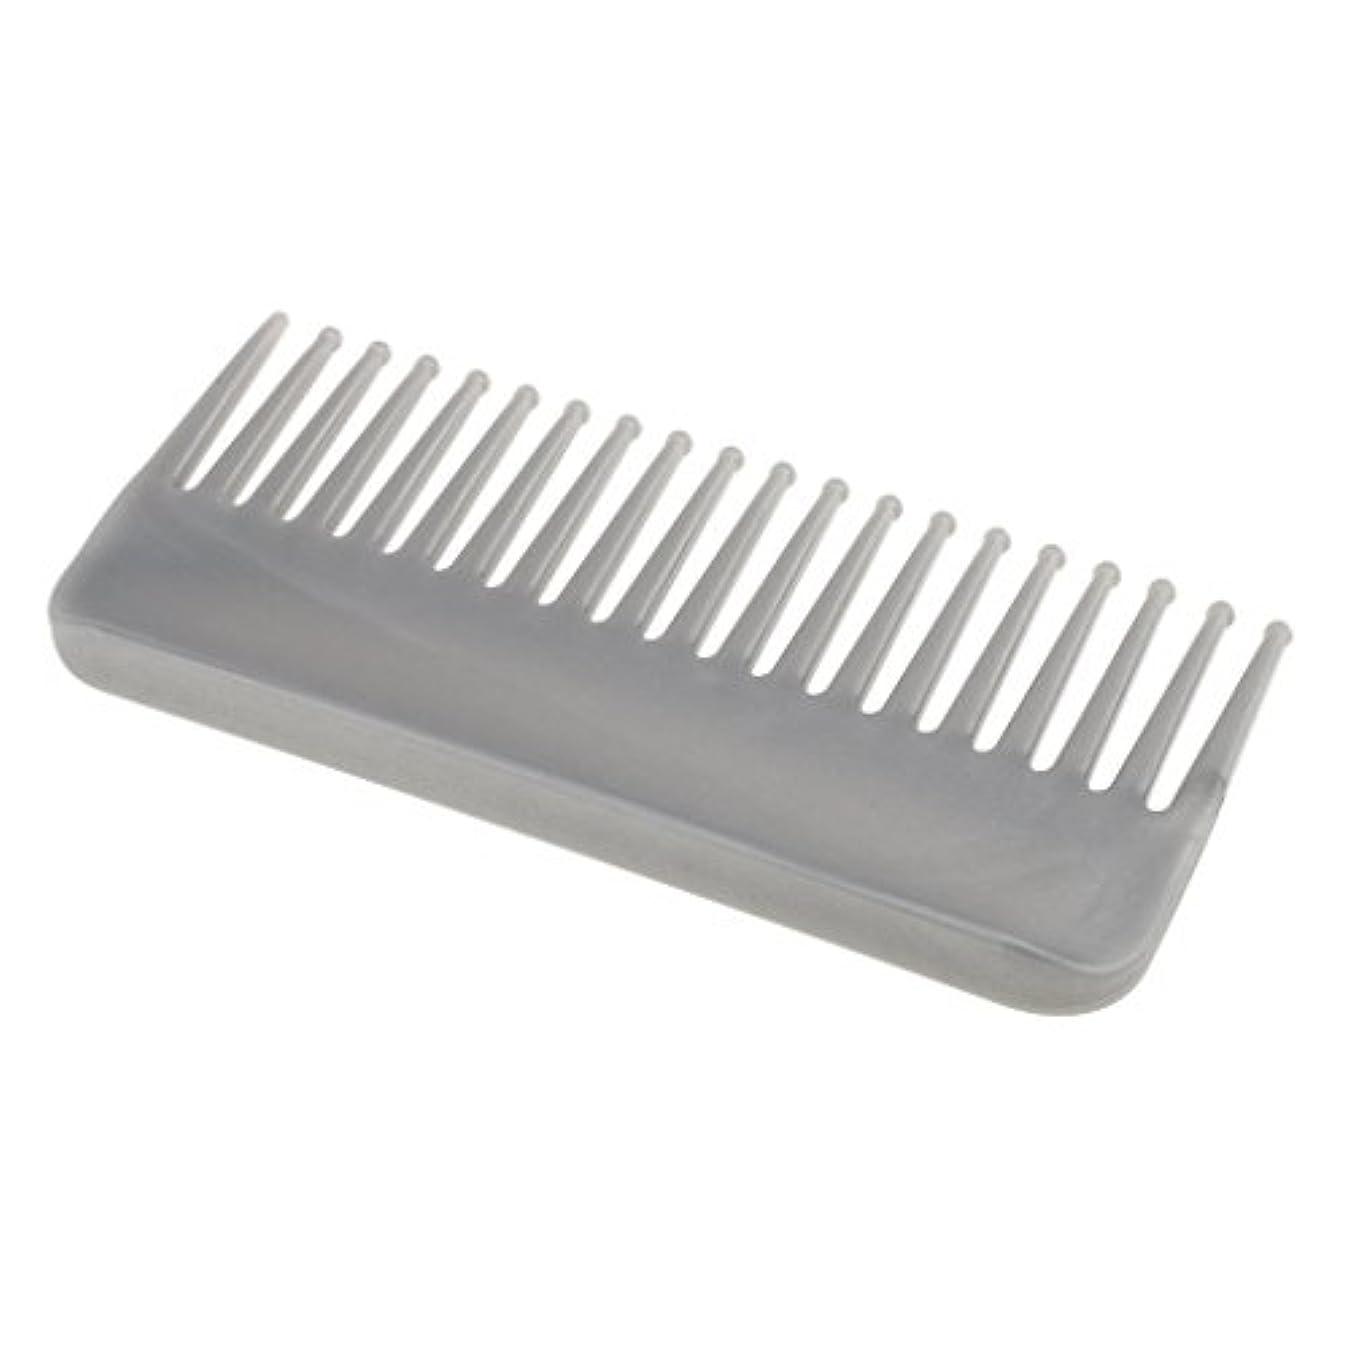 大使館鎮静剤ぼろCUTICATE プラスチック製の絡みのない広い歯のヘアブラシサロンヘアケアマッサージツール